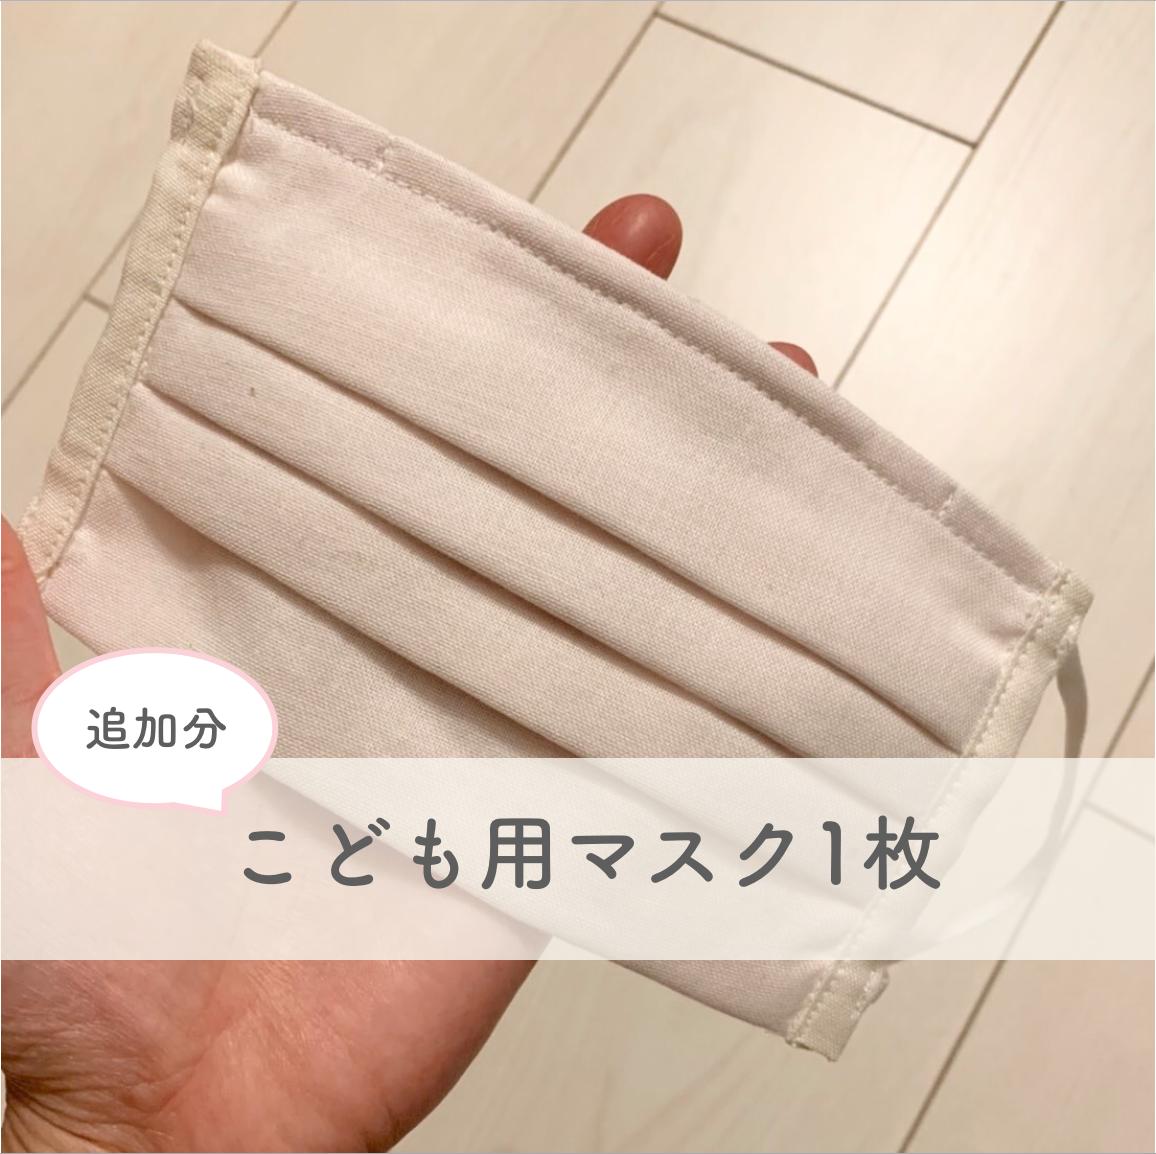 追加販売【限定数 / 送料無料】(こども用)LUCYオリジナルオーガニックコットンマスク(フジイロ)